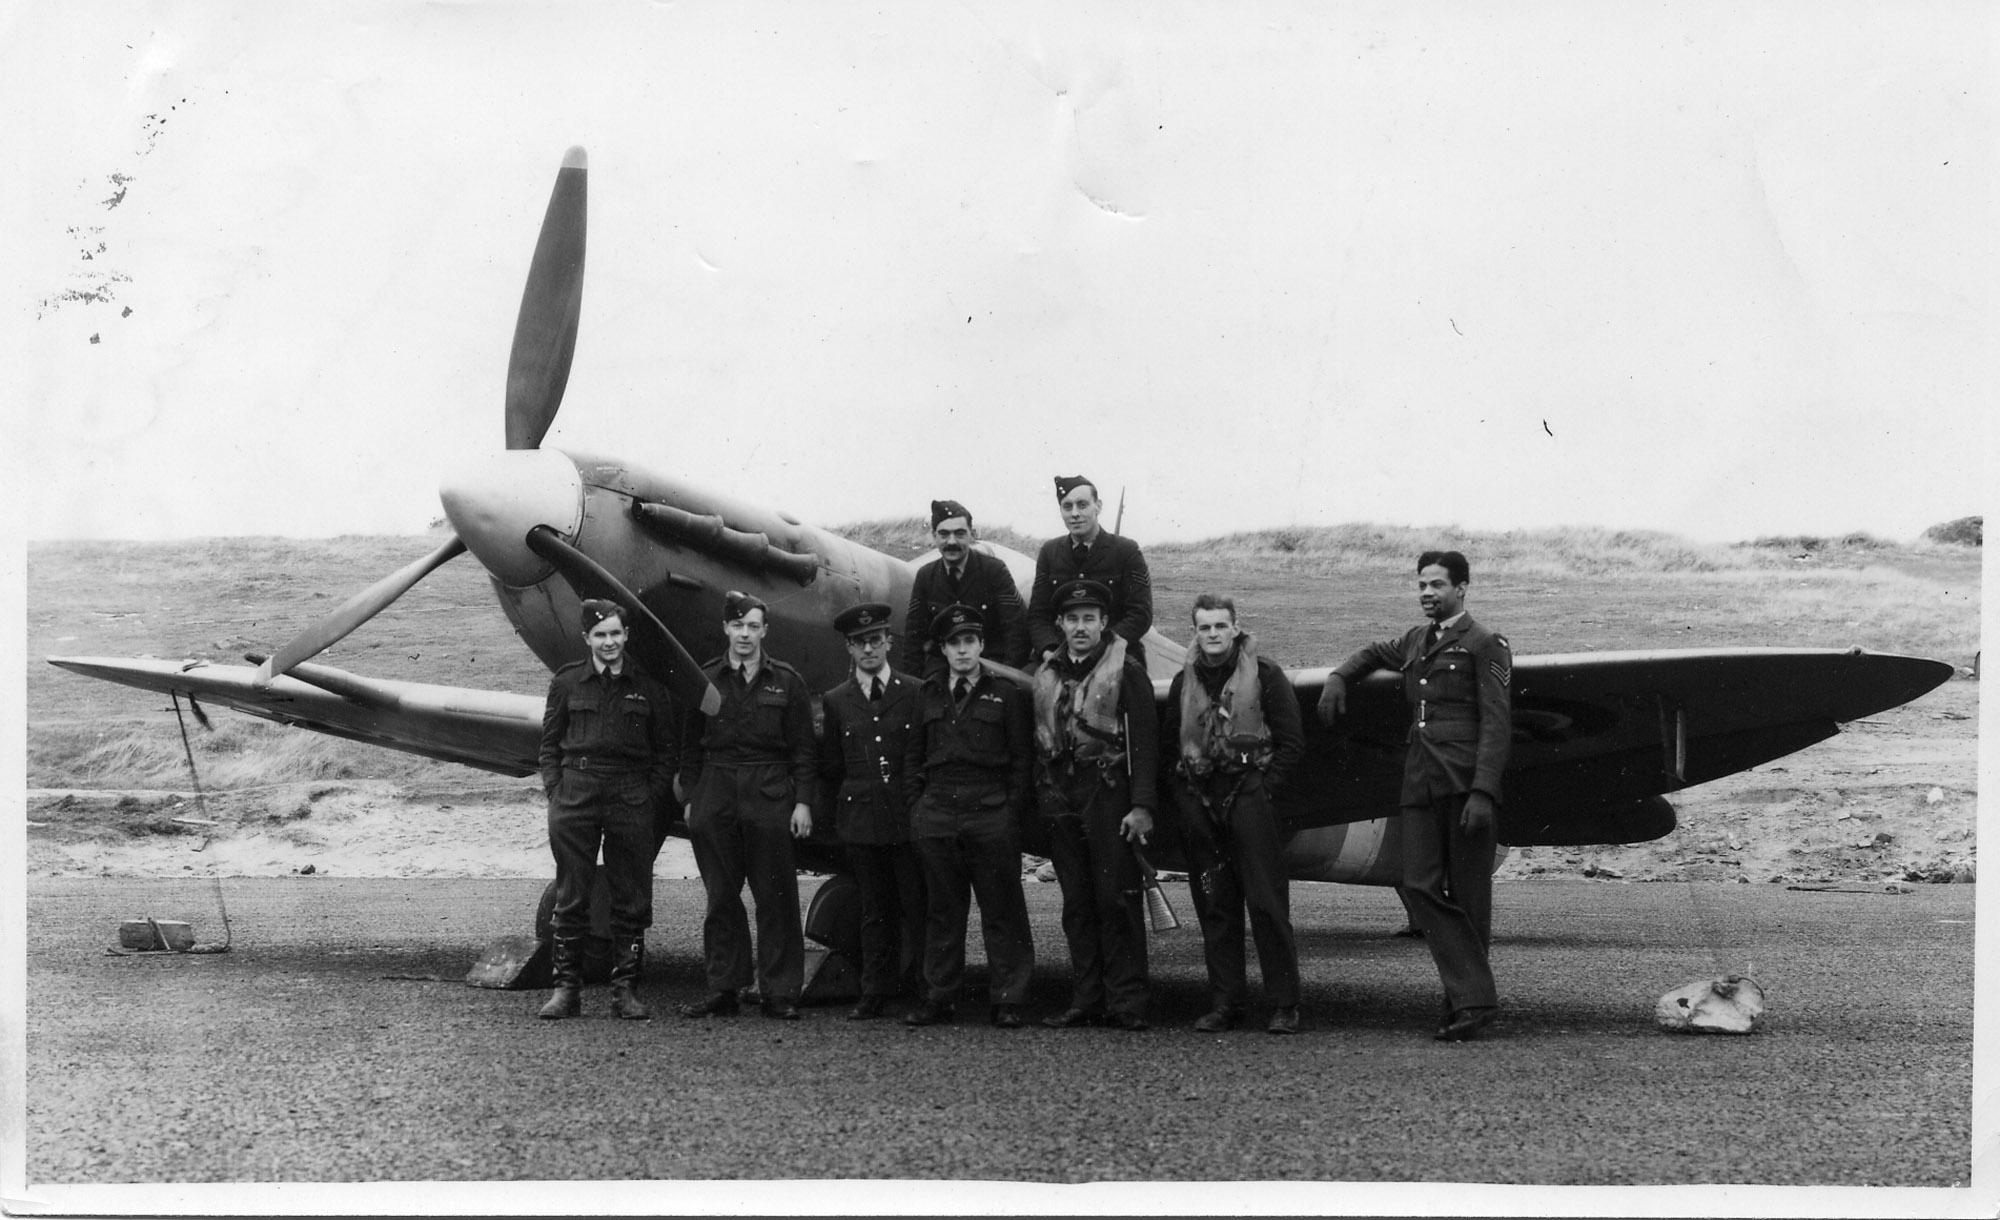 British Carribean Aircrew (RAF) during WW2